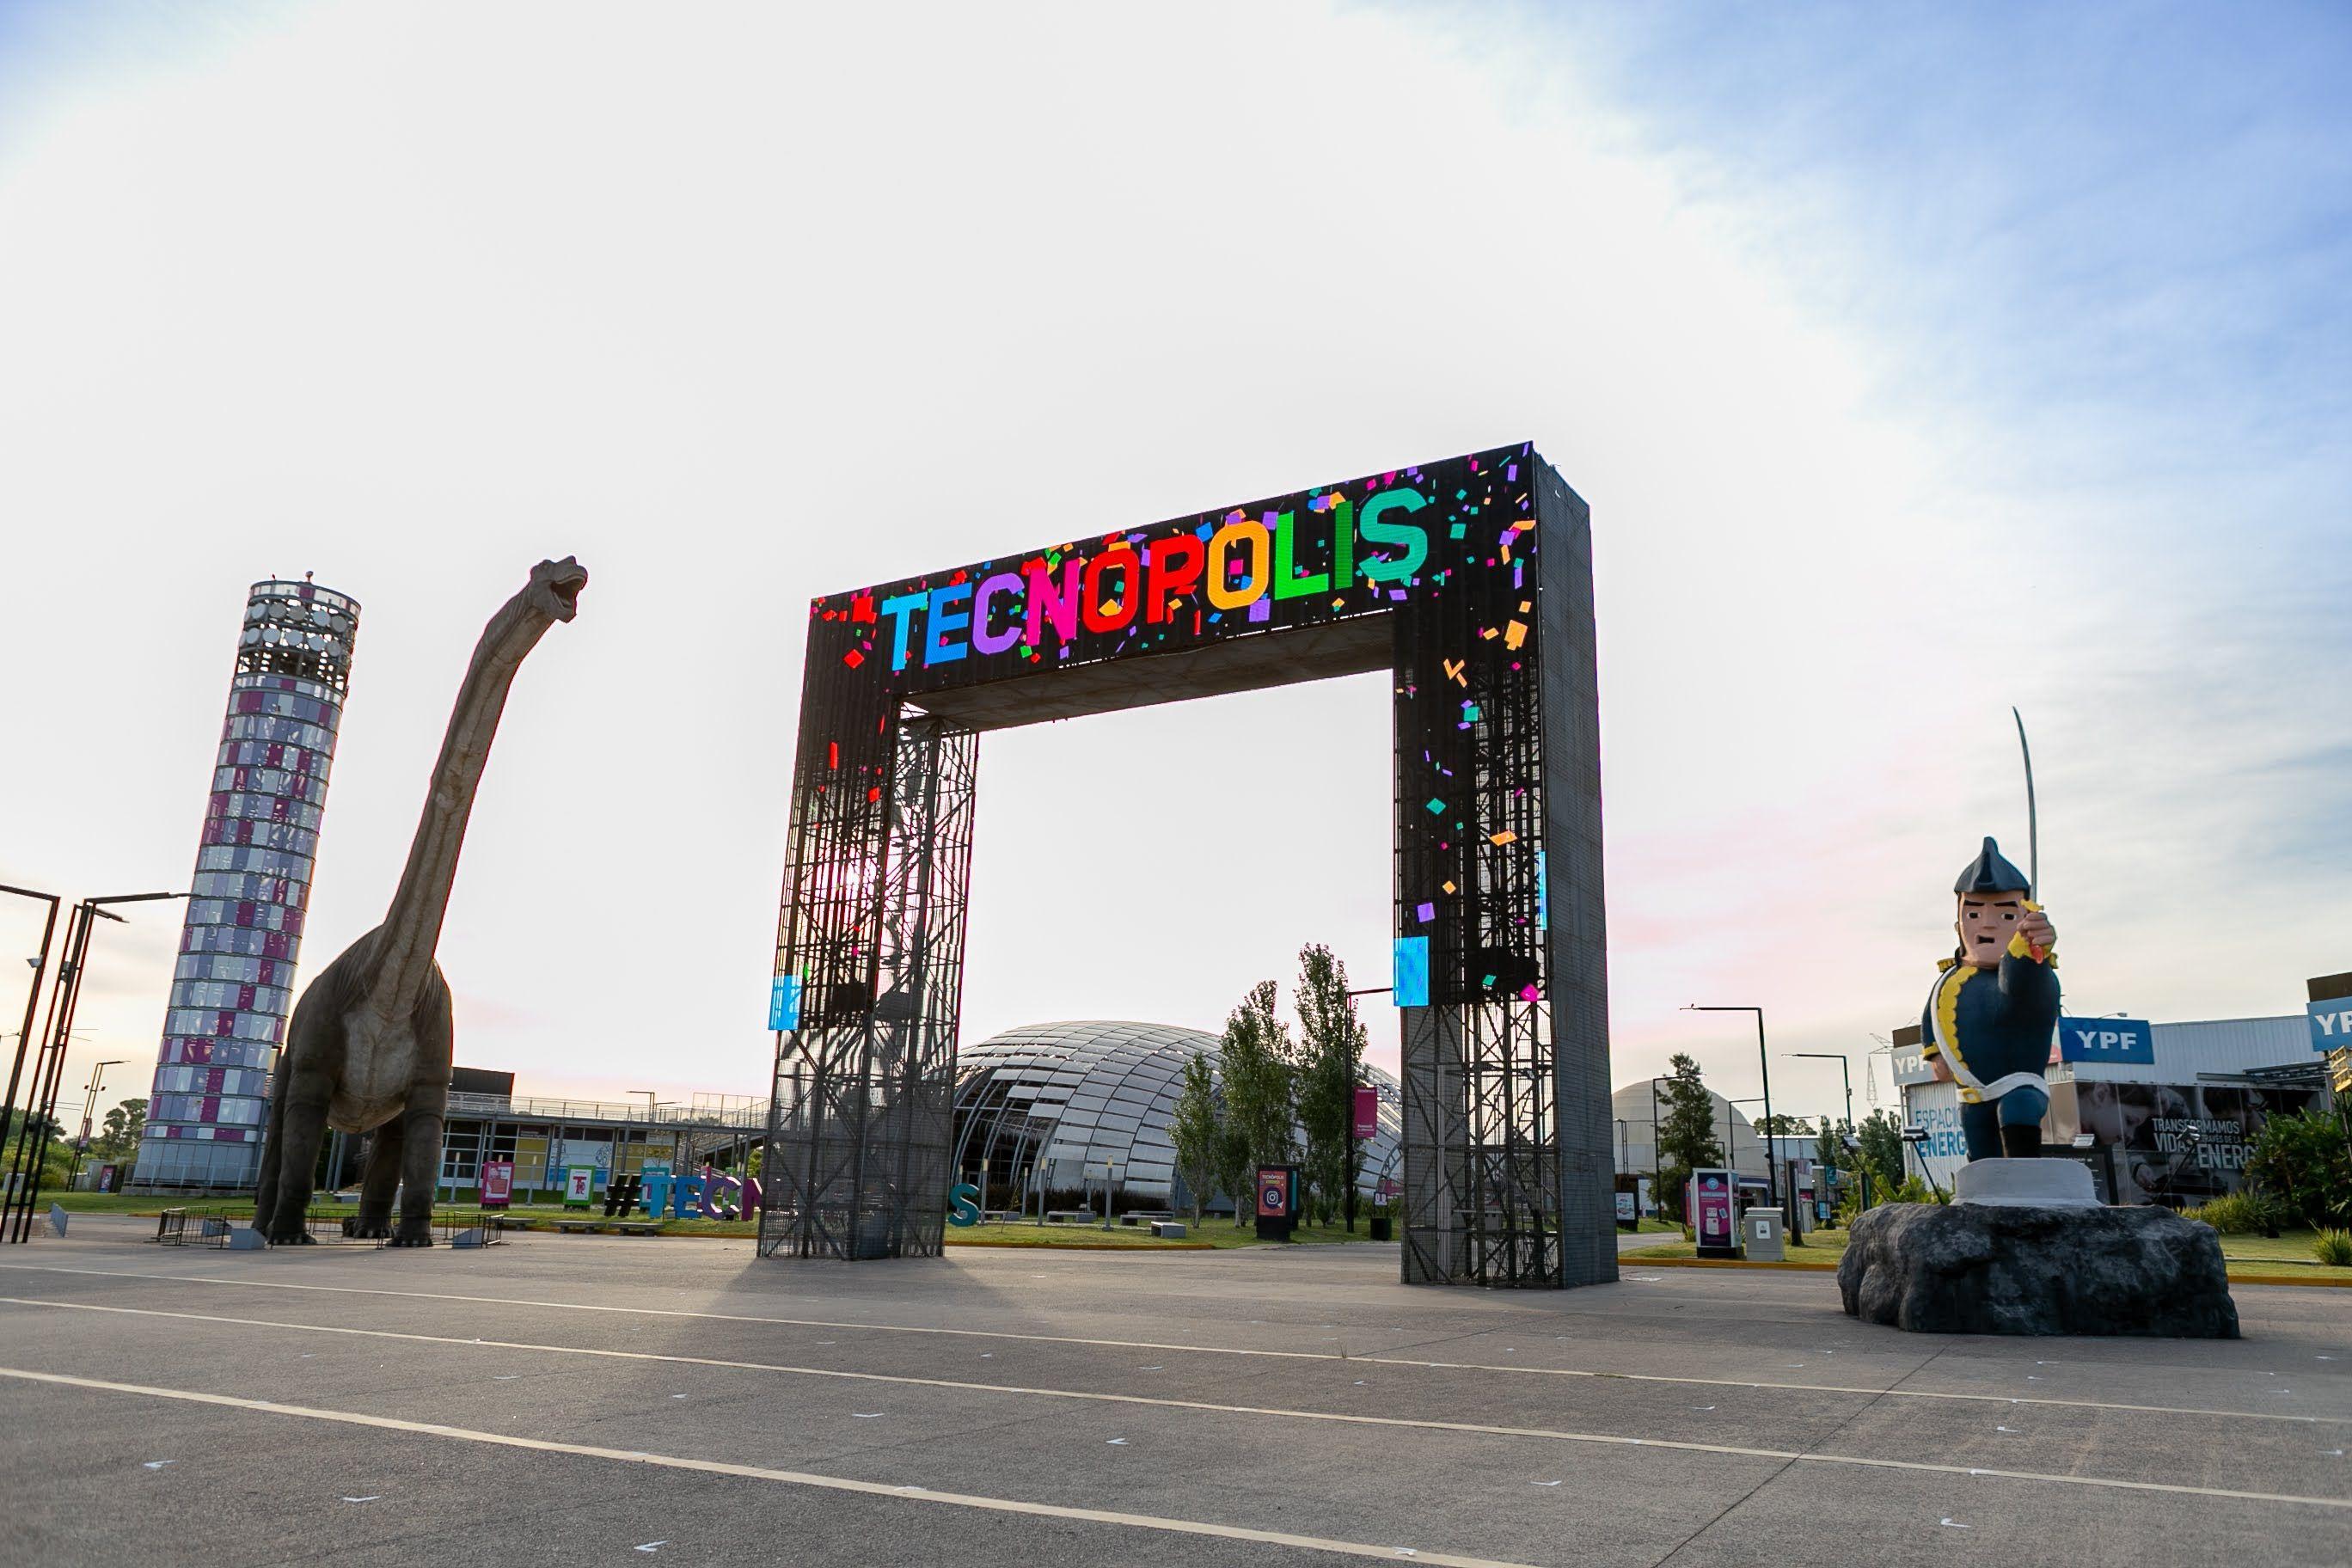 Este fin de semana en Tecnópolis con dos propuestas de música y teatro completamente gratuitas y para toda la familia.